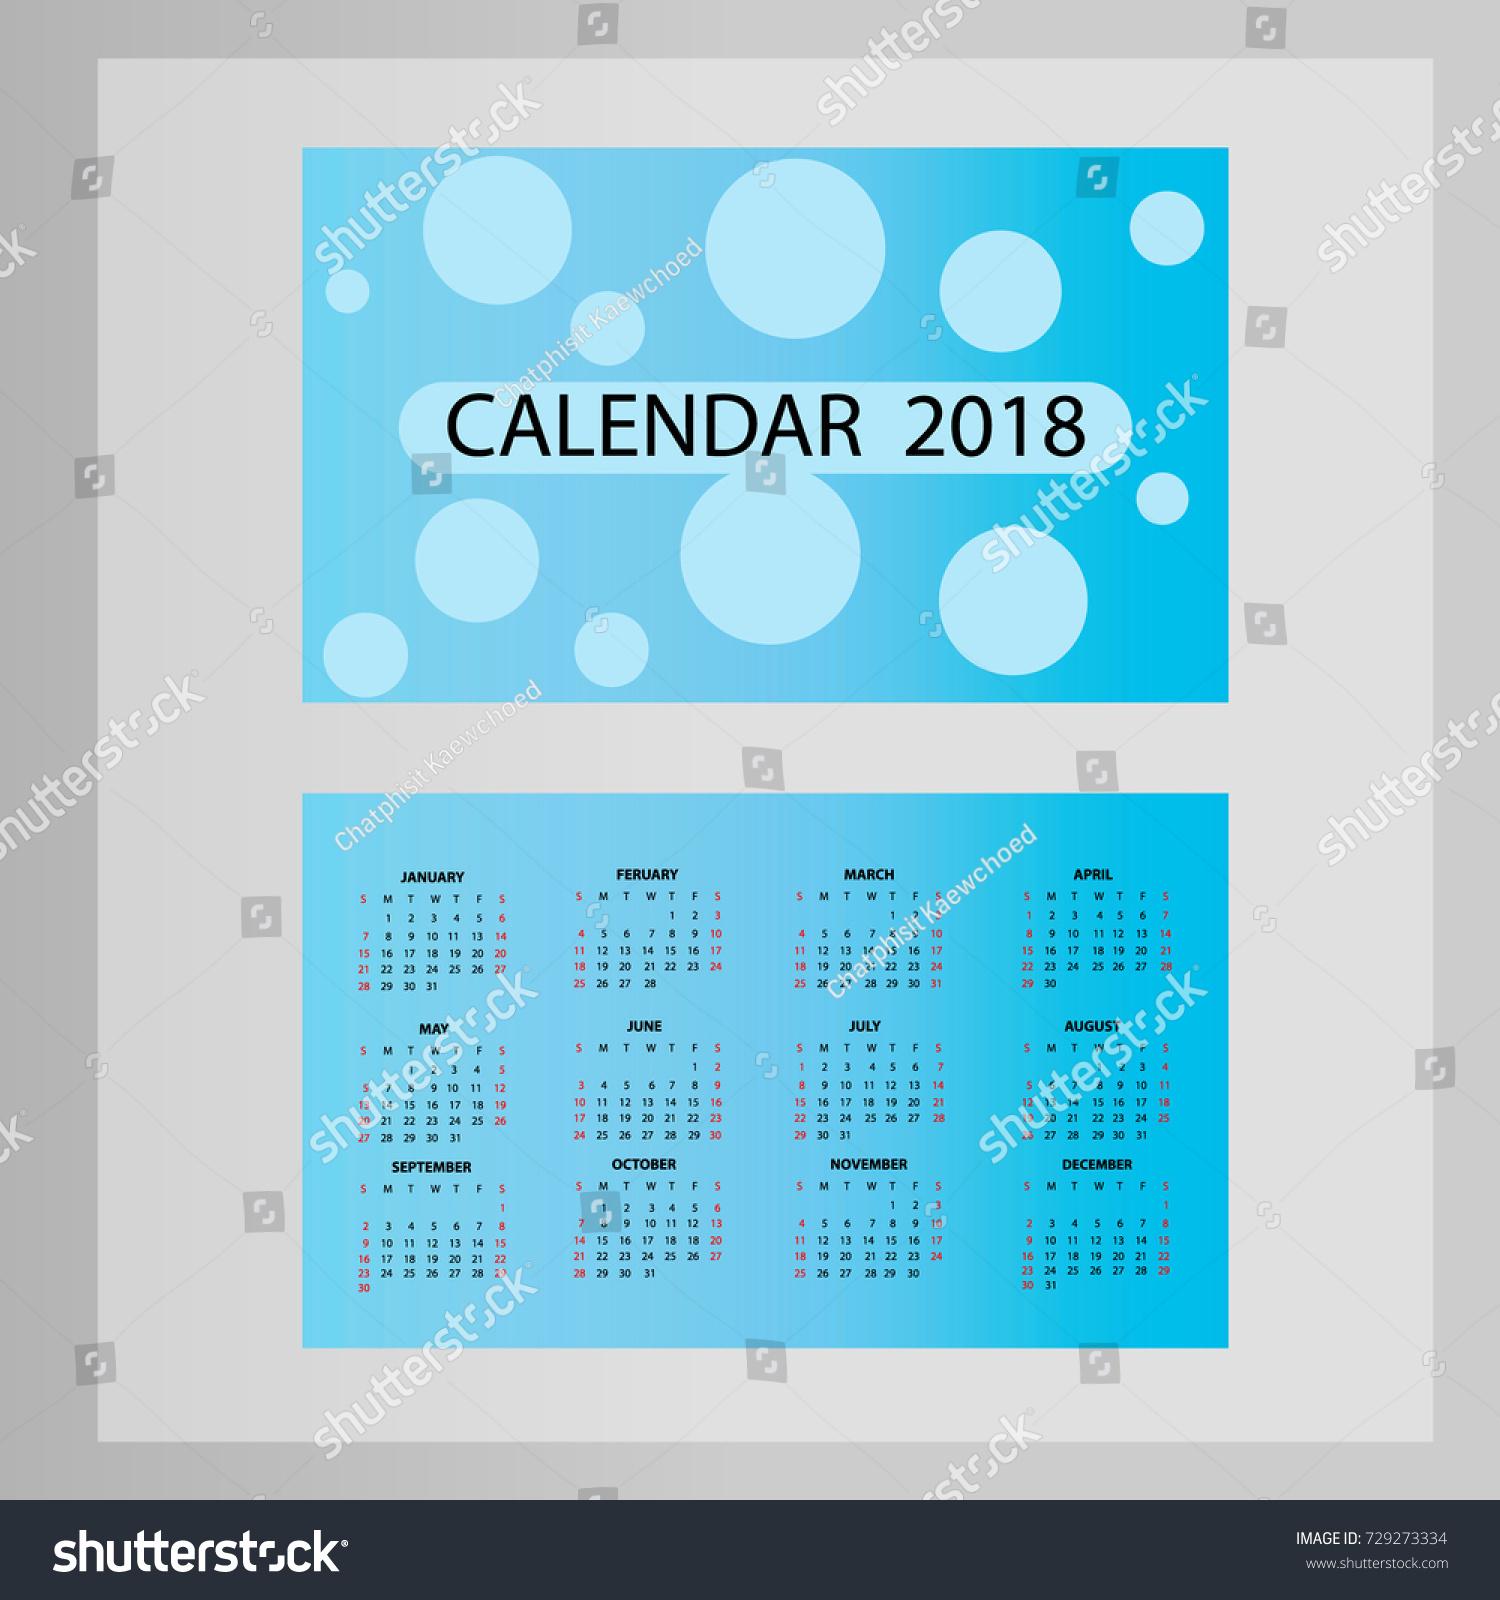 Business Card Calendar 2018 Vector Stock Vector 729273334 - Shutterstock